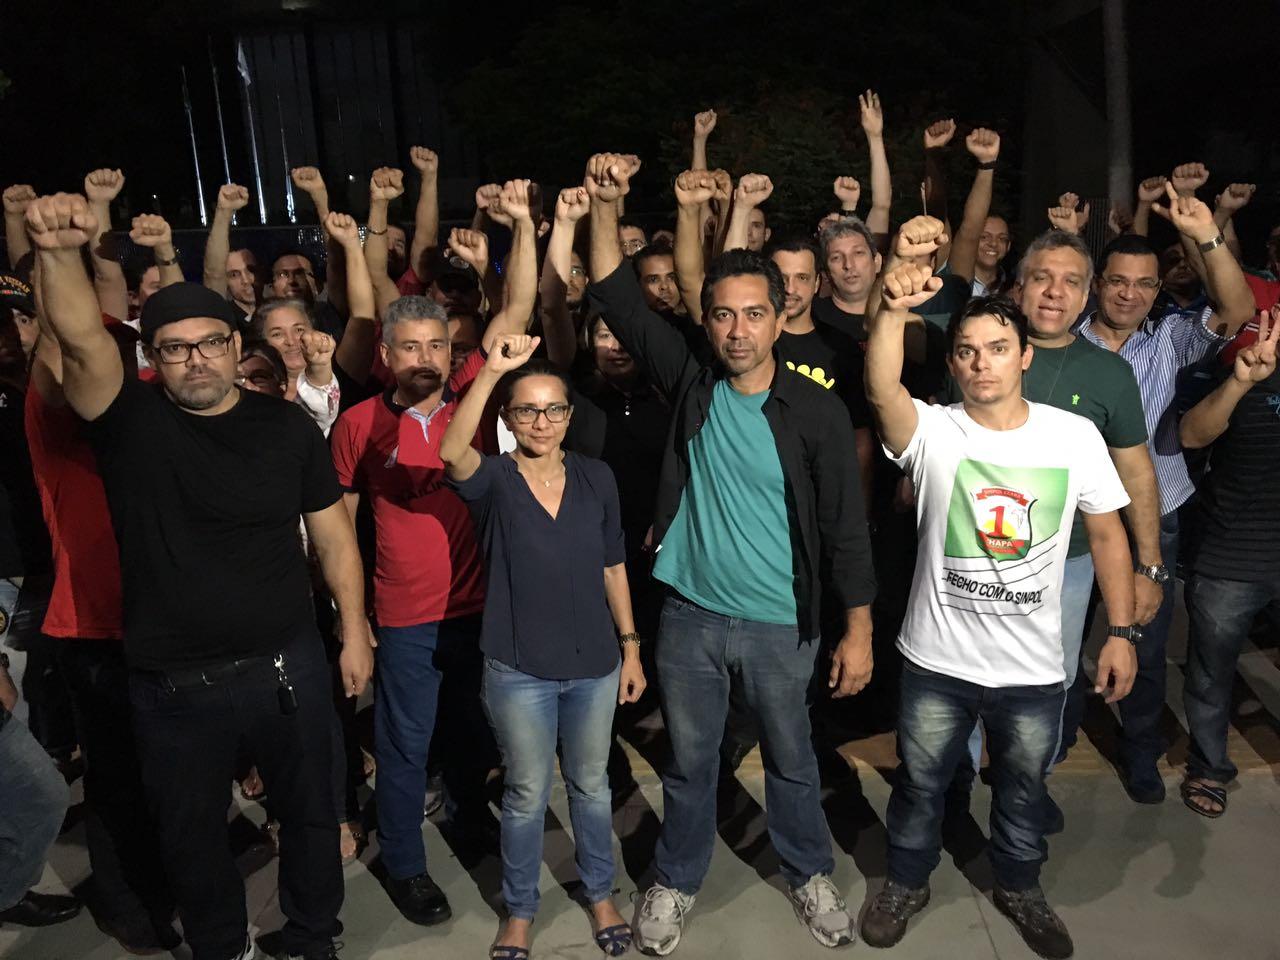 Às vésperas da eleição, policiais civis entram em greve pela 2ª vez em 2 meses